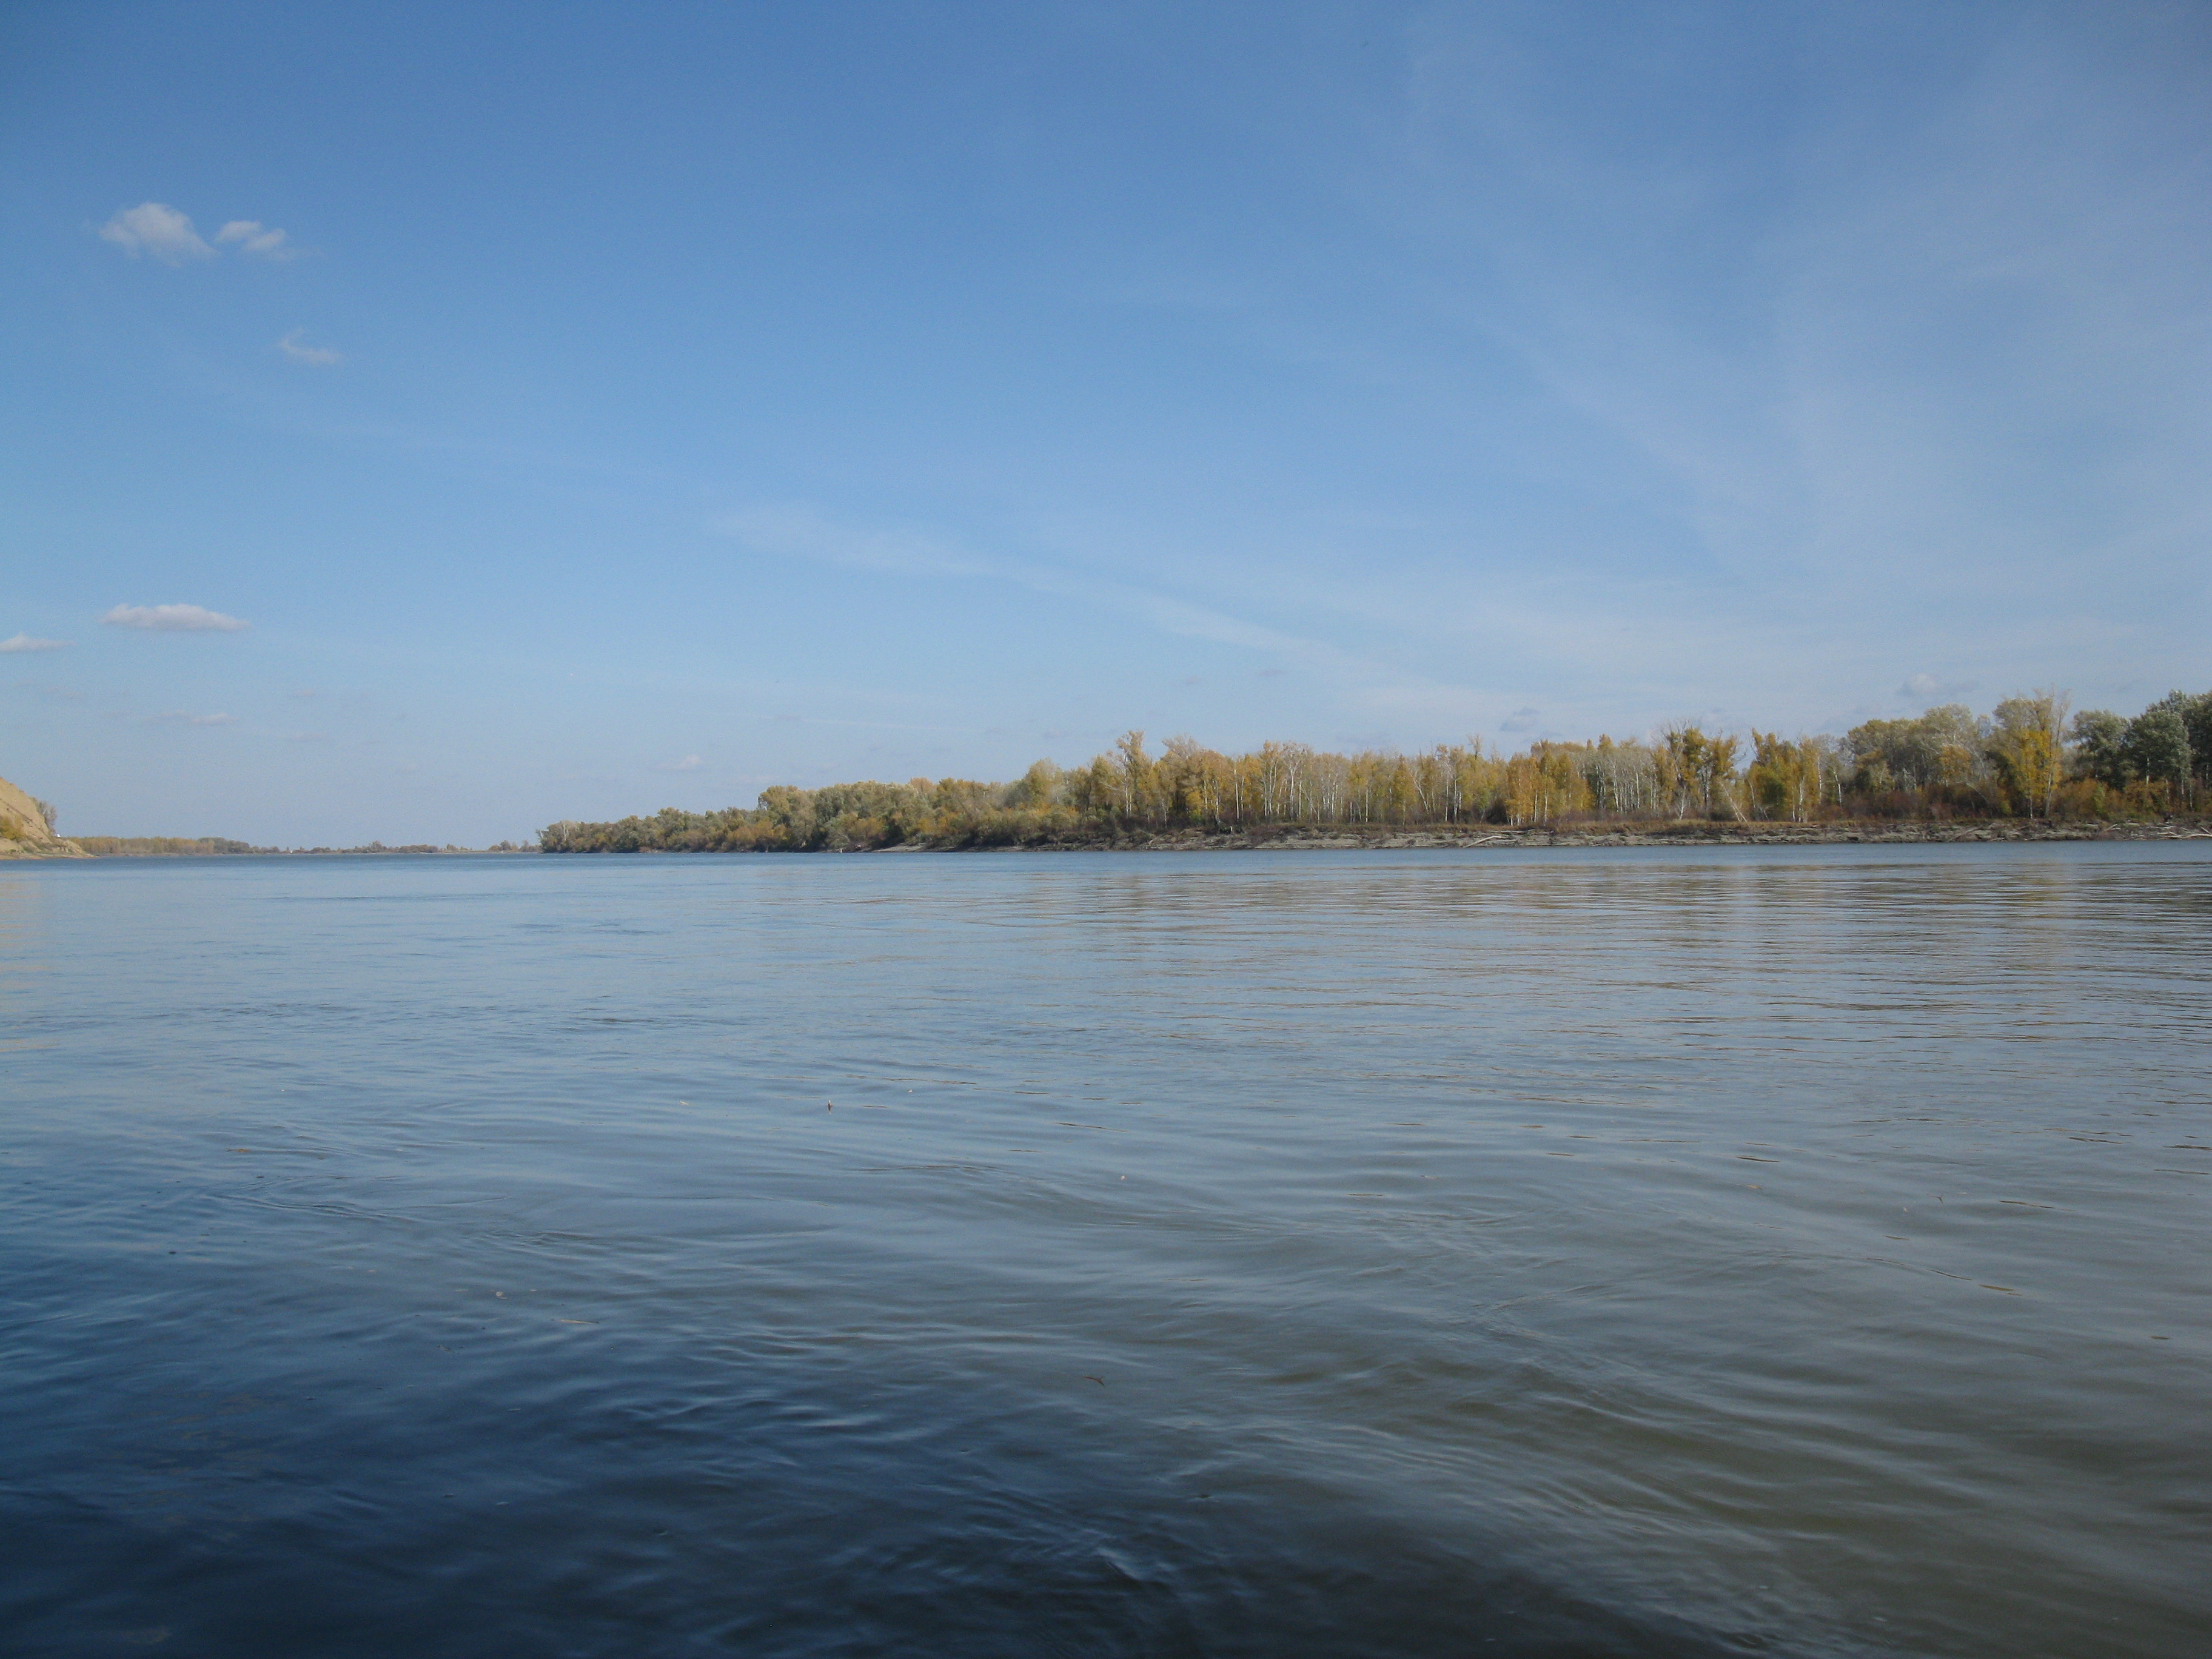 Один прекрасный, осенний день на реке 2018г.